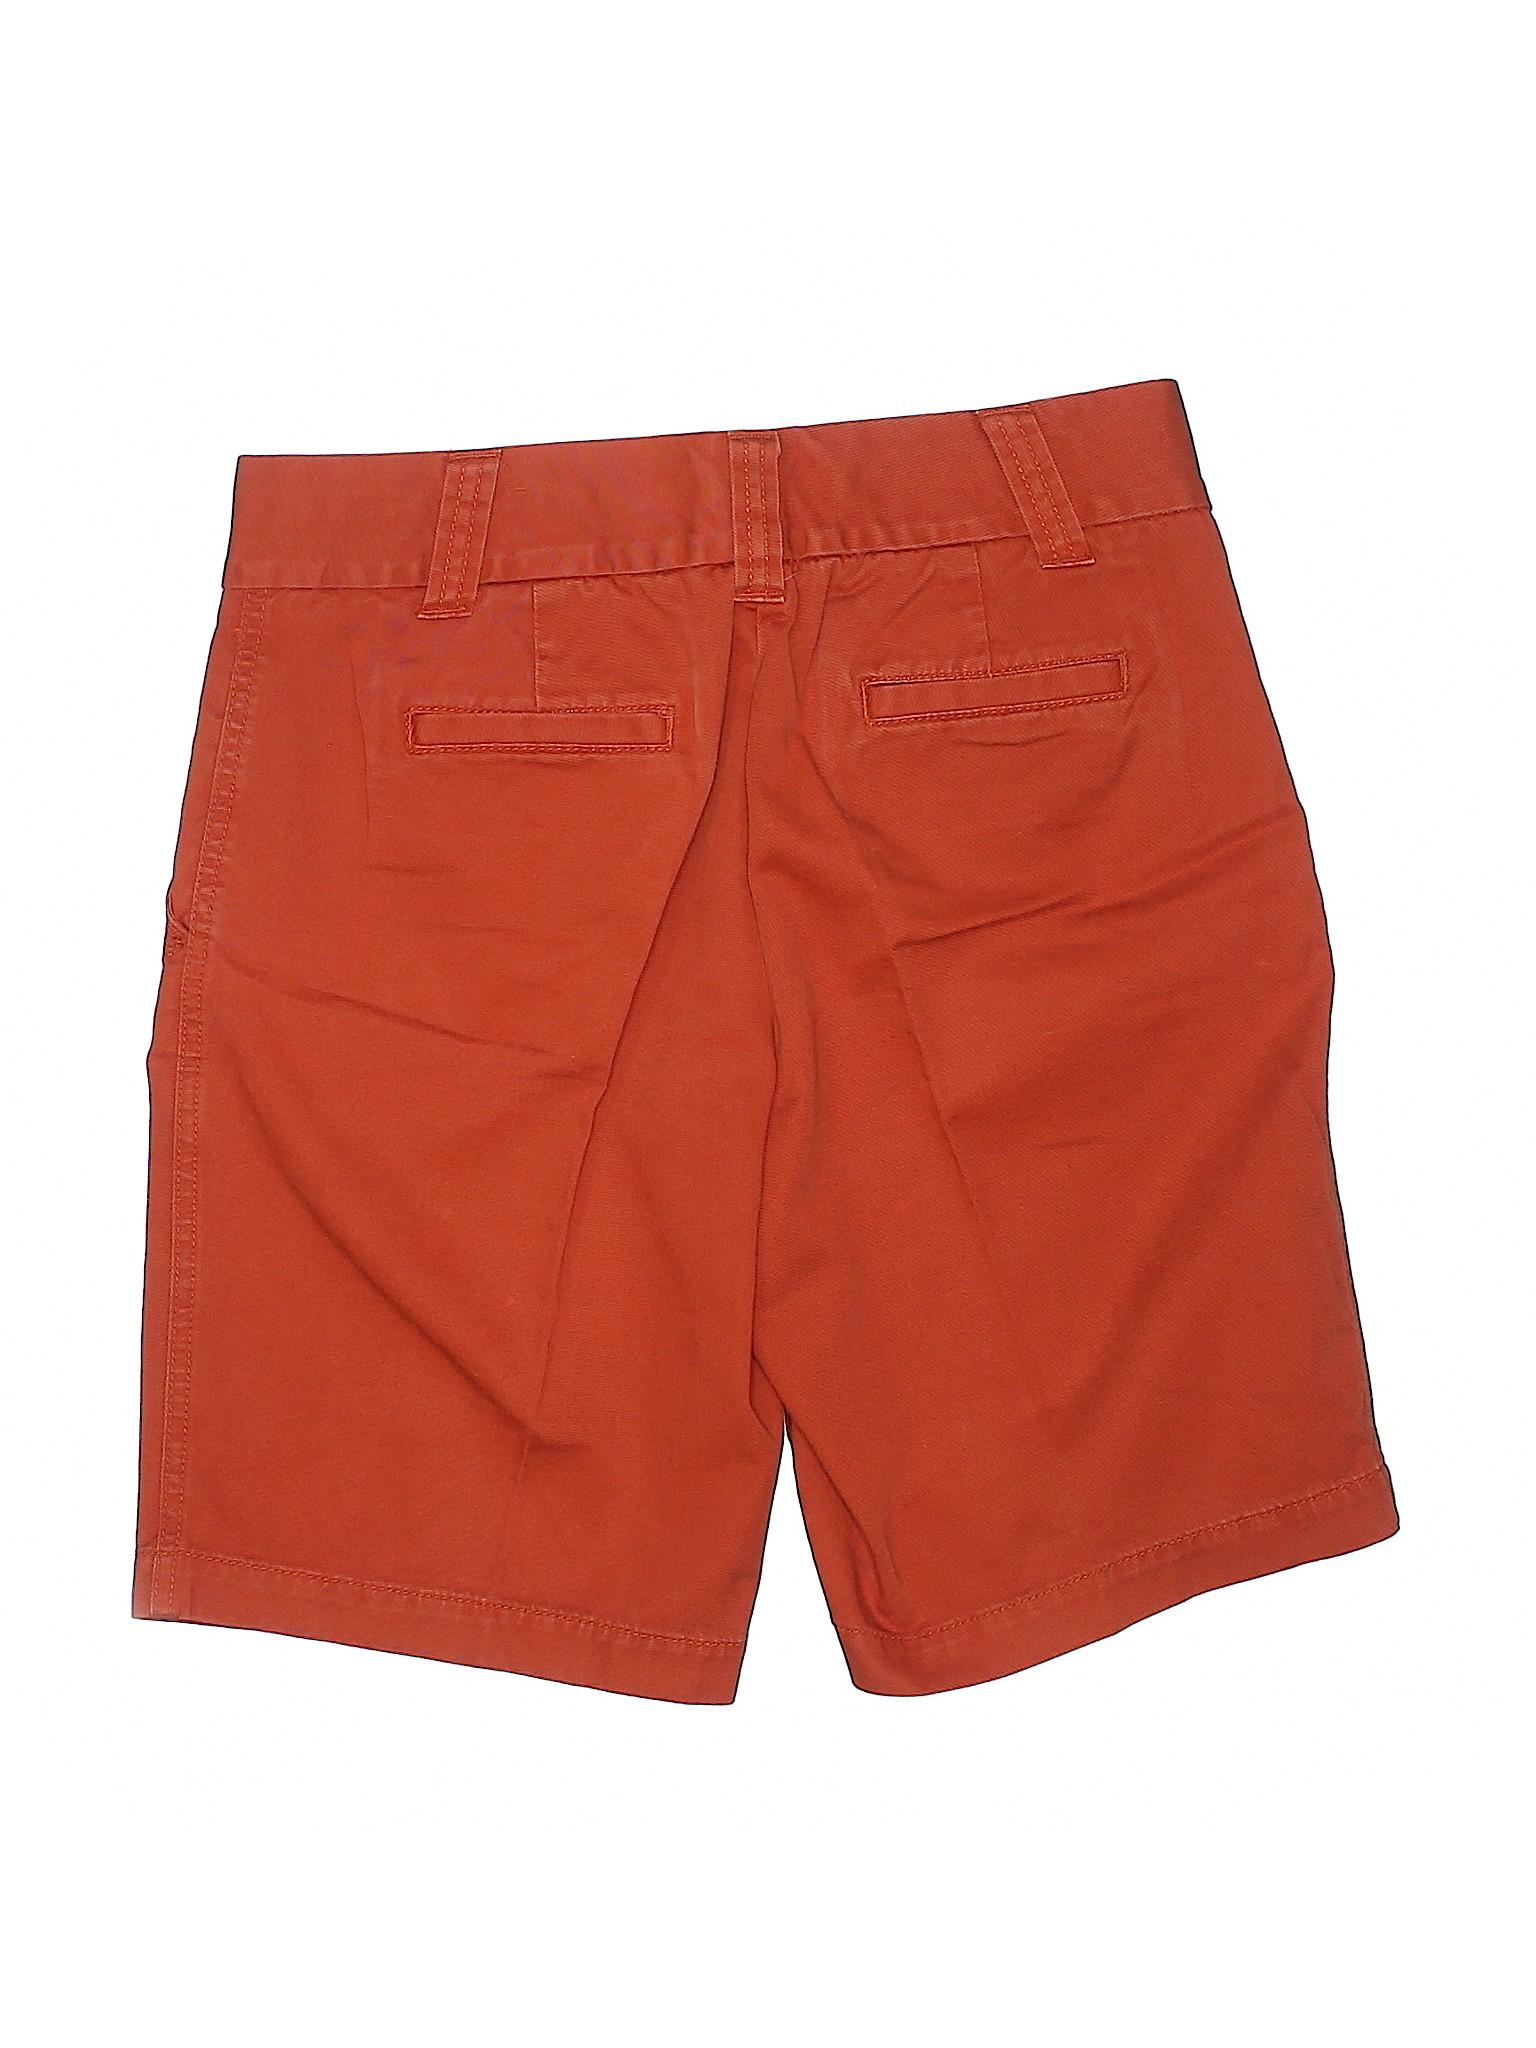 Khaki Shorts J Crew Boutique Boutique Crew Shorts Shorts Khaki J Crew J Khaki Boutique BI7xdxwq